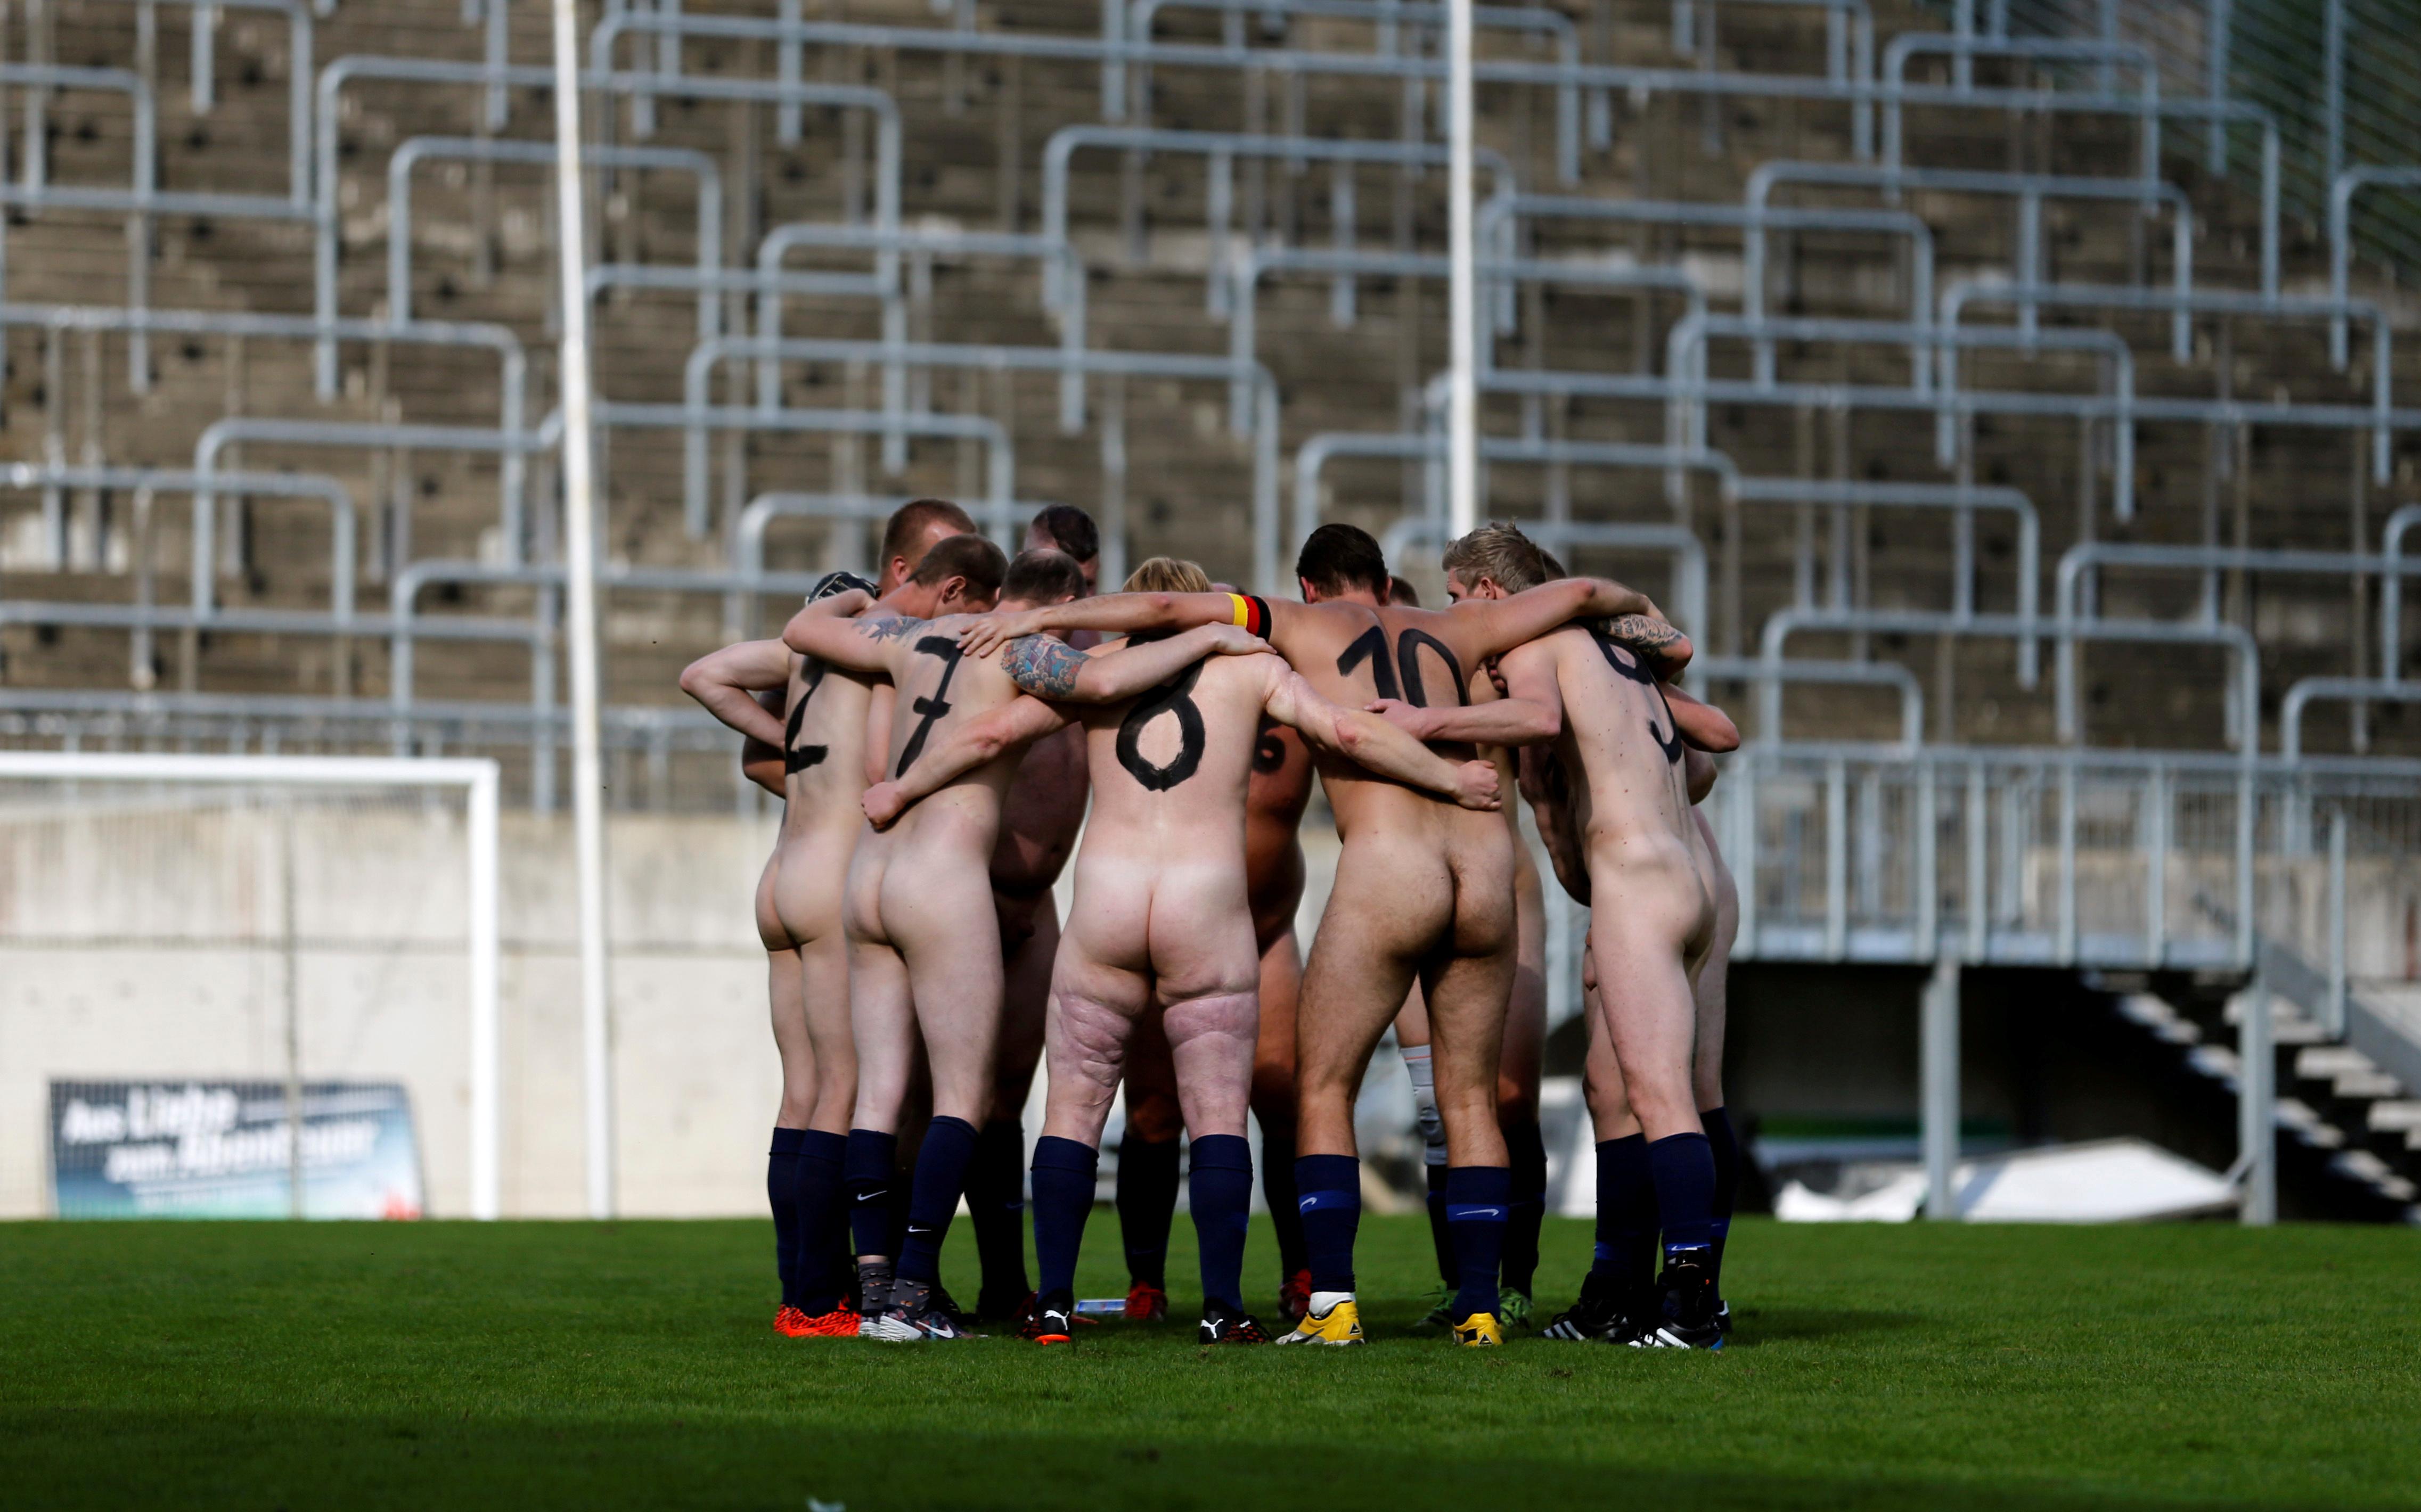 El partido se grabó por completo y será utilizado como material para una película de arte. Alemania ganó el partido nudista 7-5.